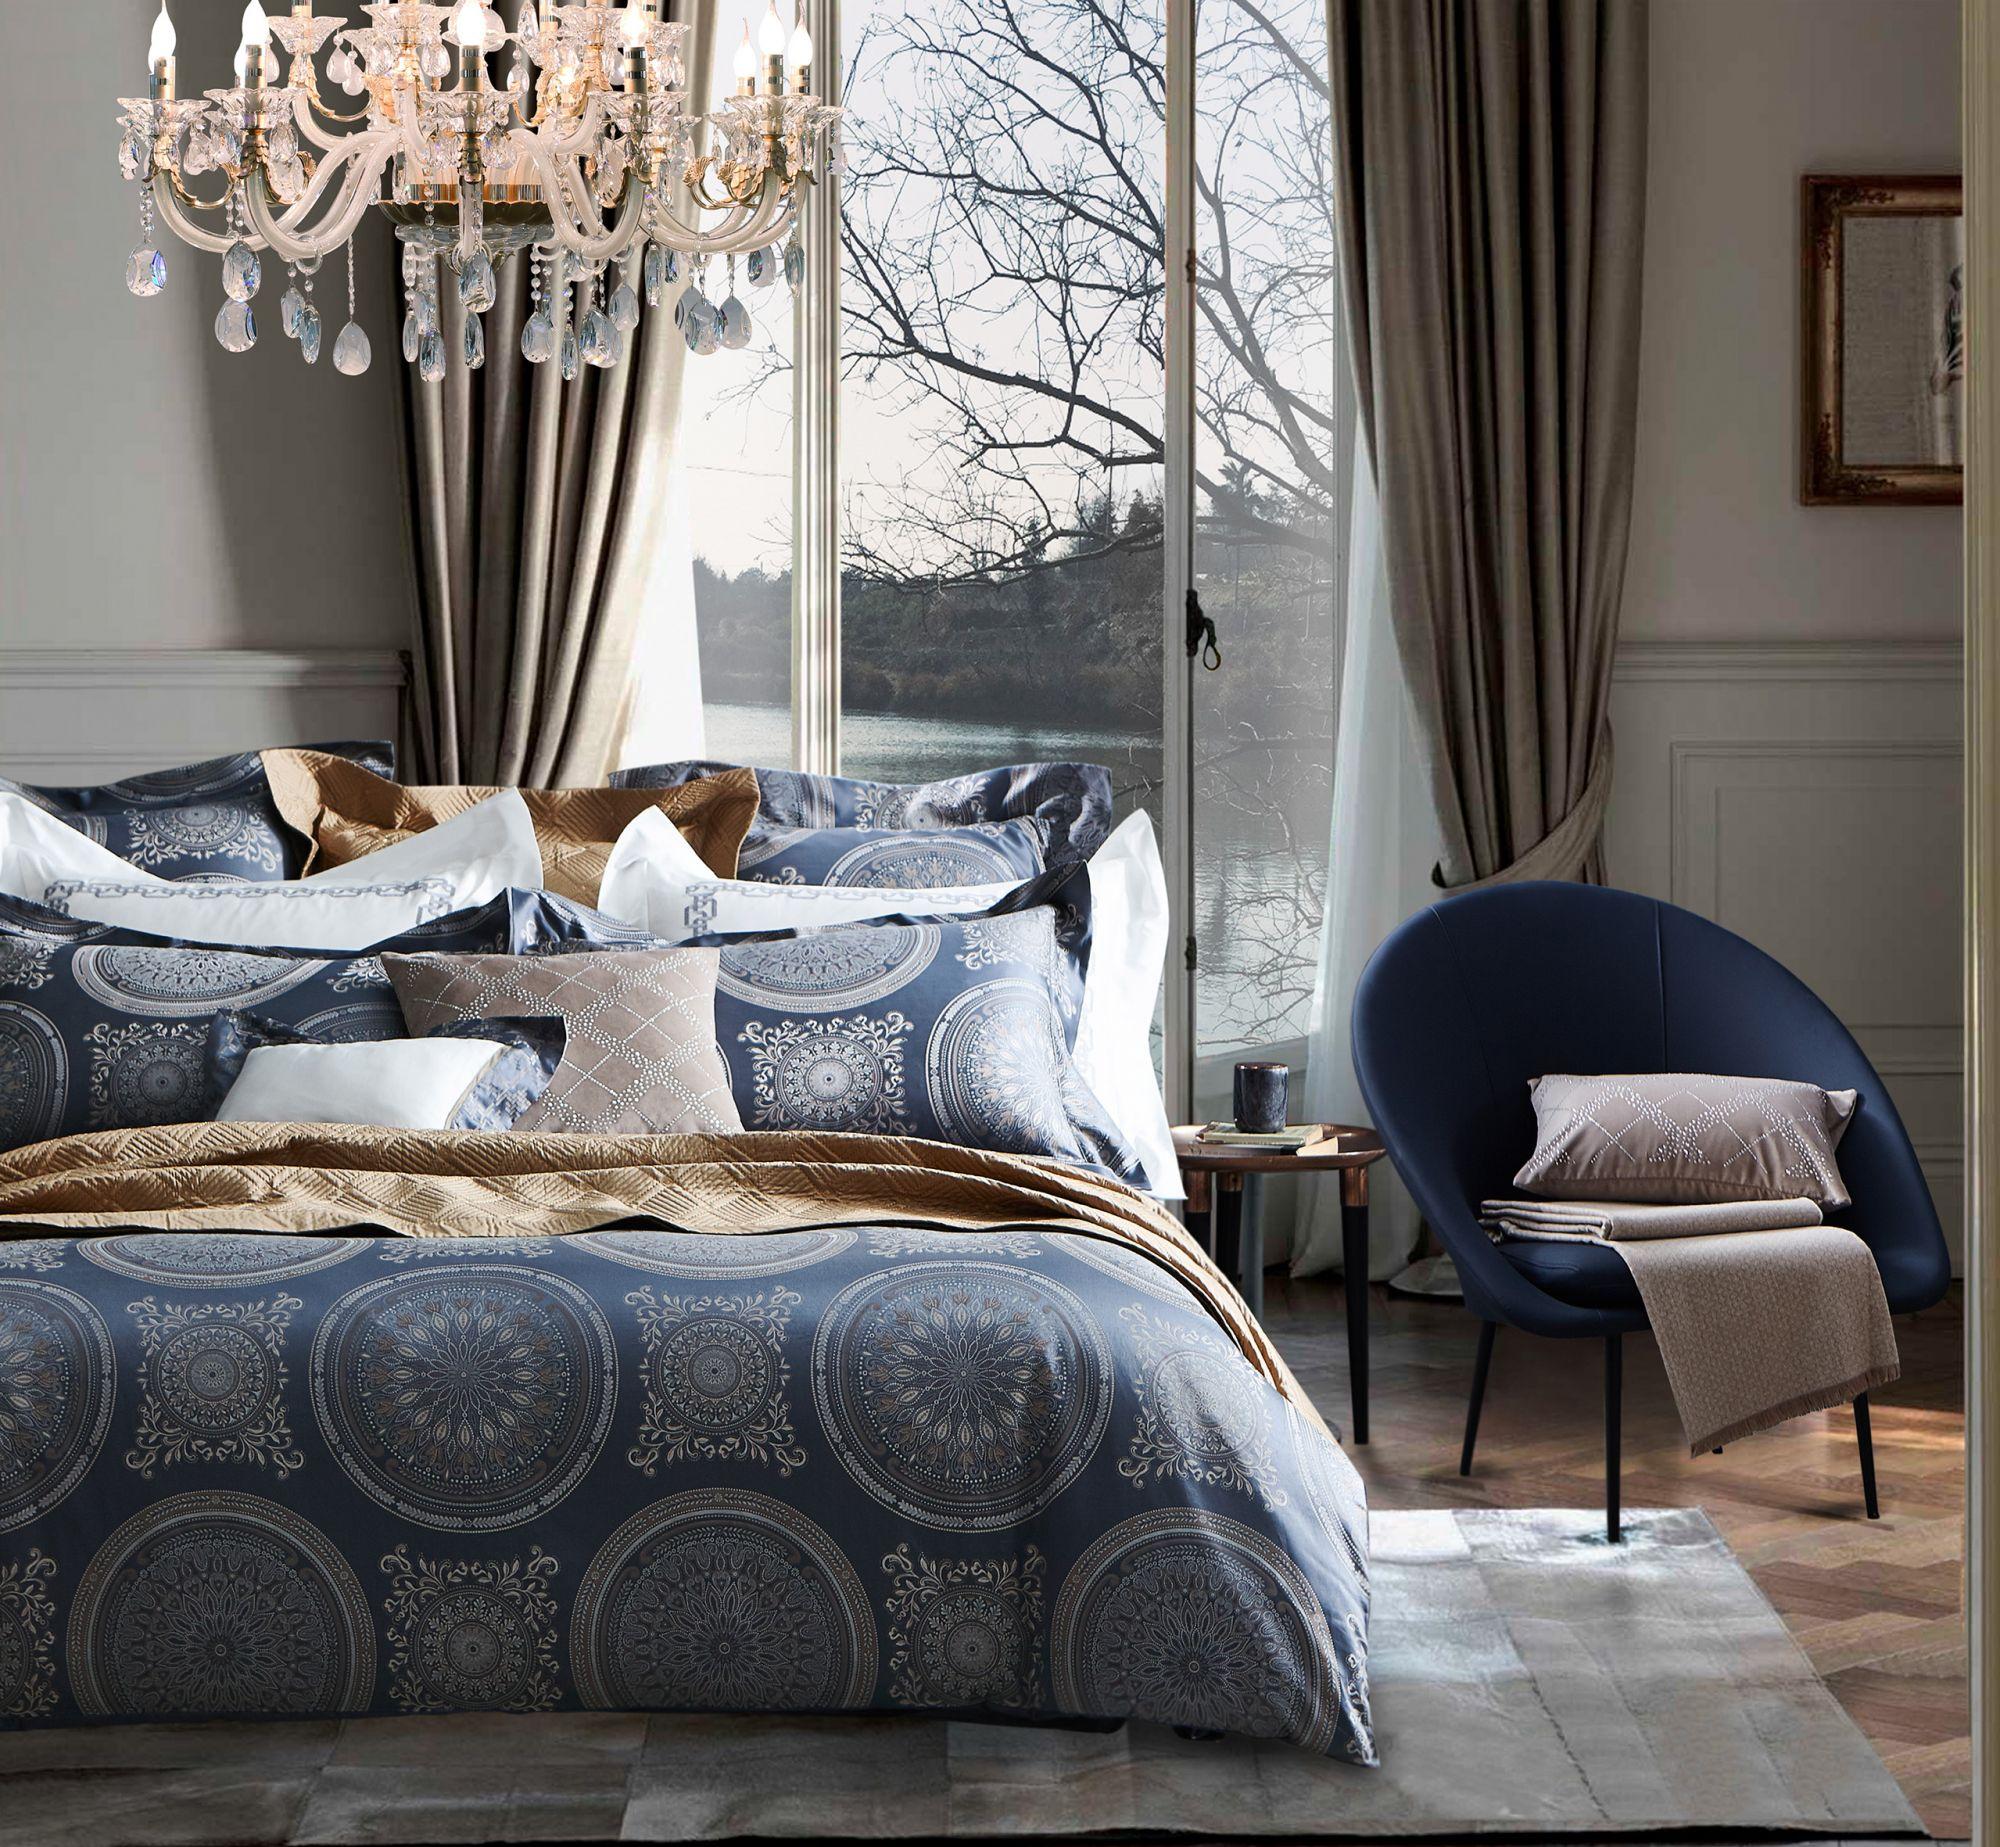 最契合2020年經典藍的2種頂級緞品緹花寢飾!用高度繁複圖騰盡顯貴族典雅氣息